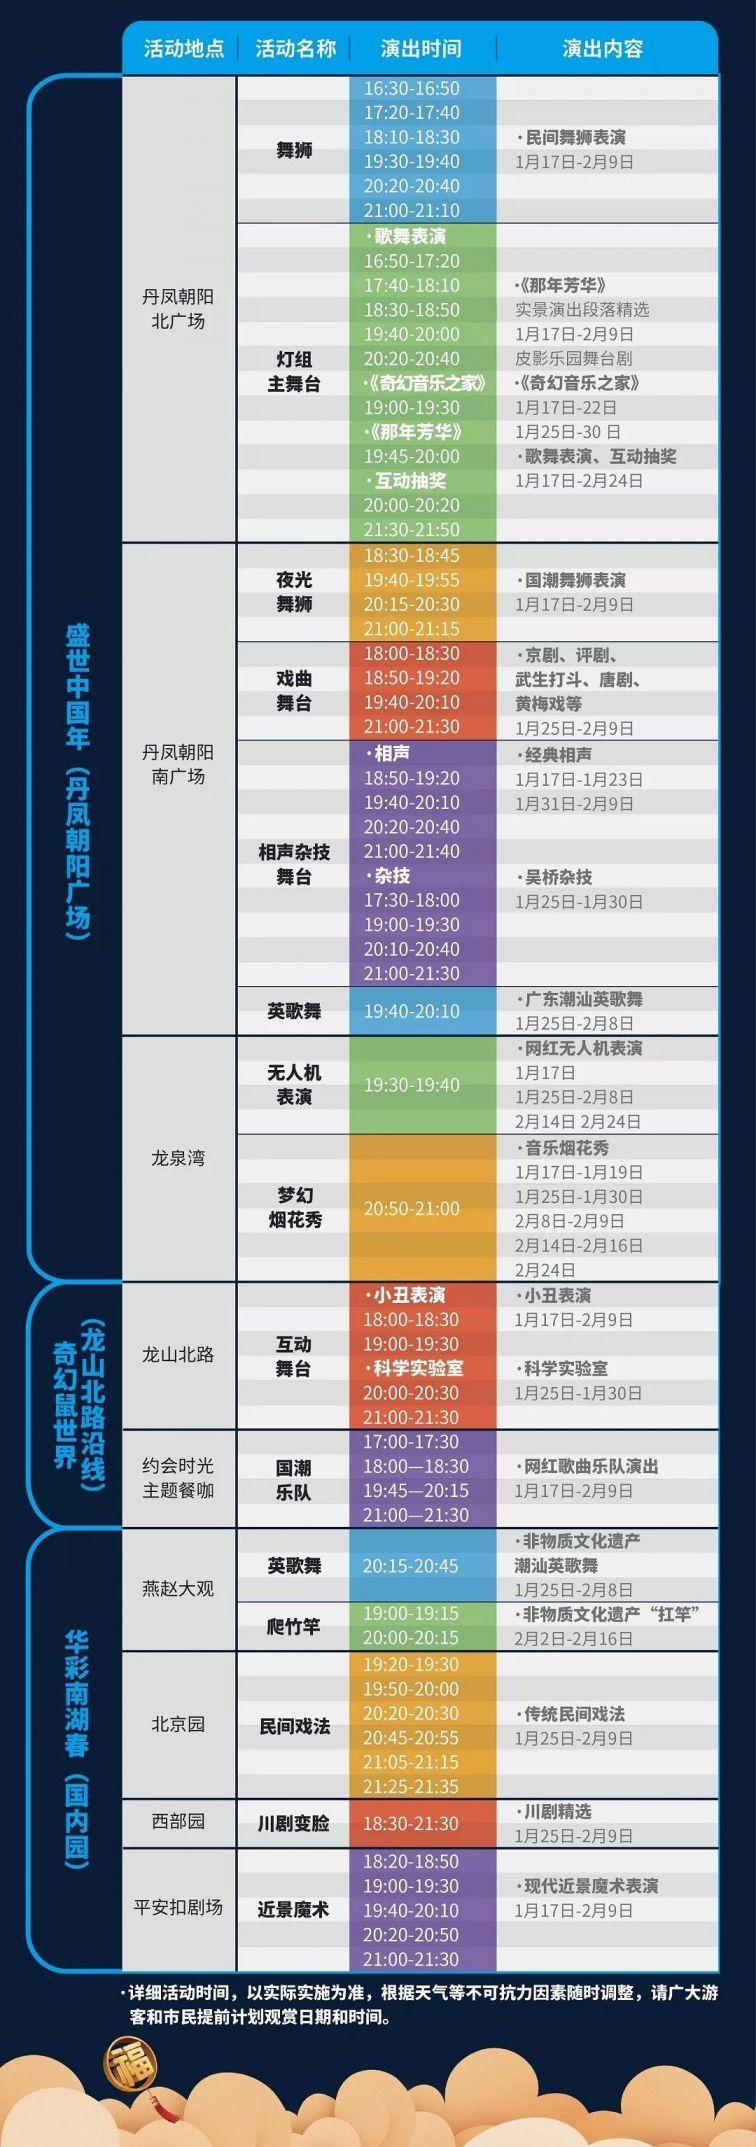 老虎机游戏:2020南湖春节灯会有哪些节目?